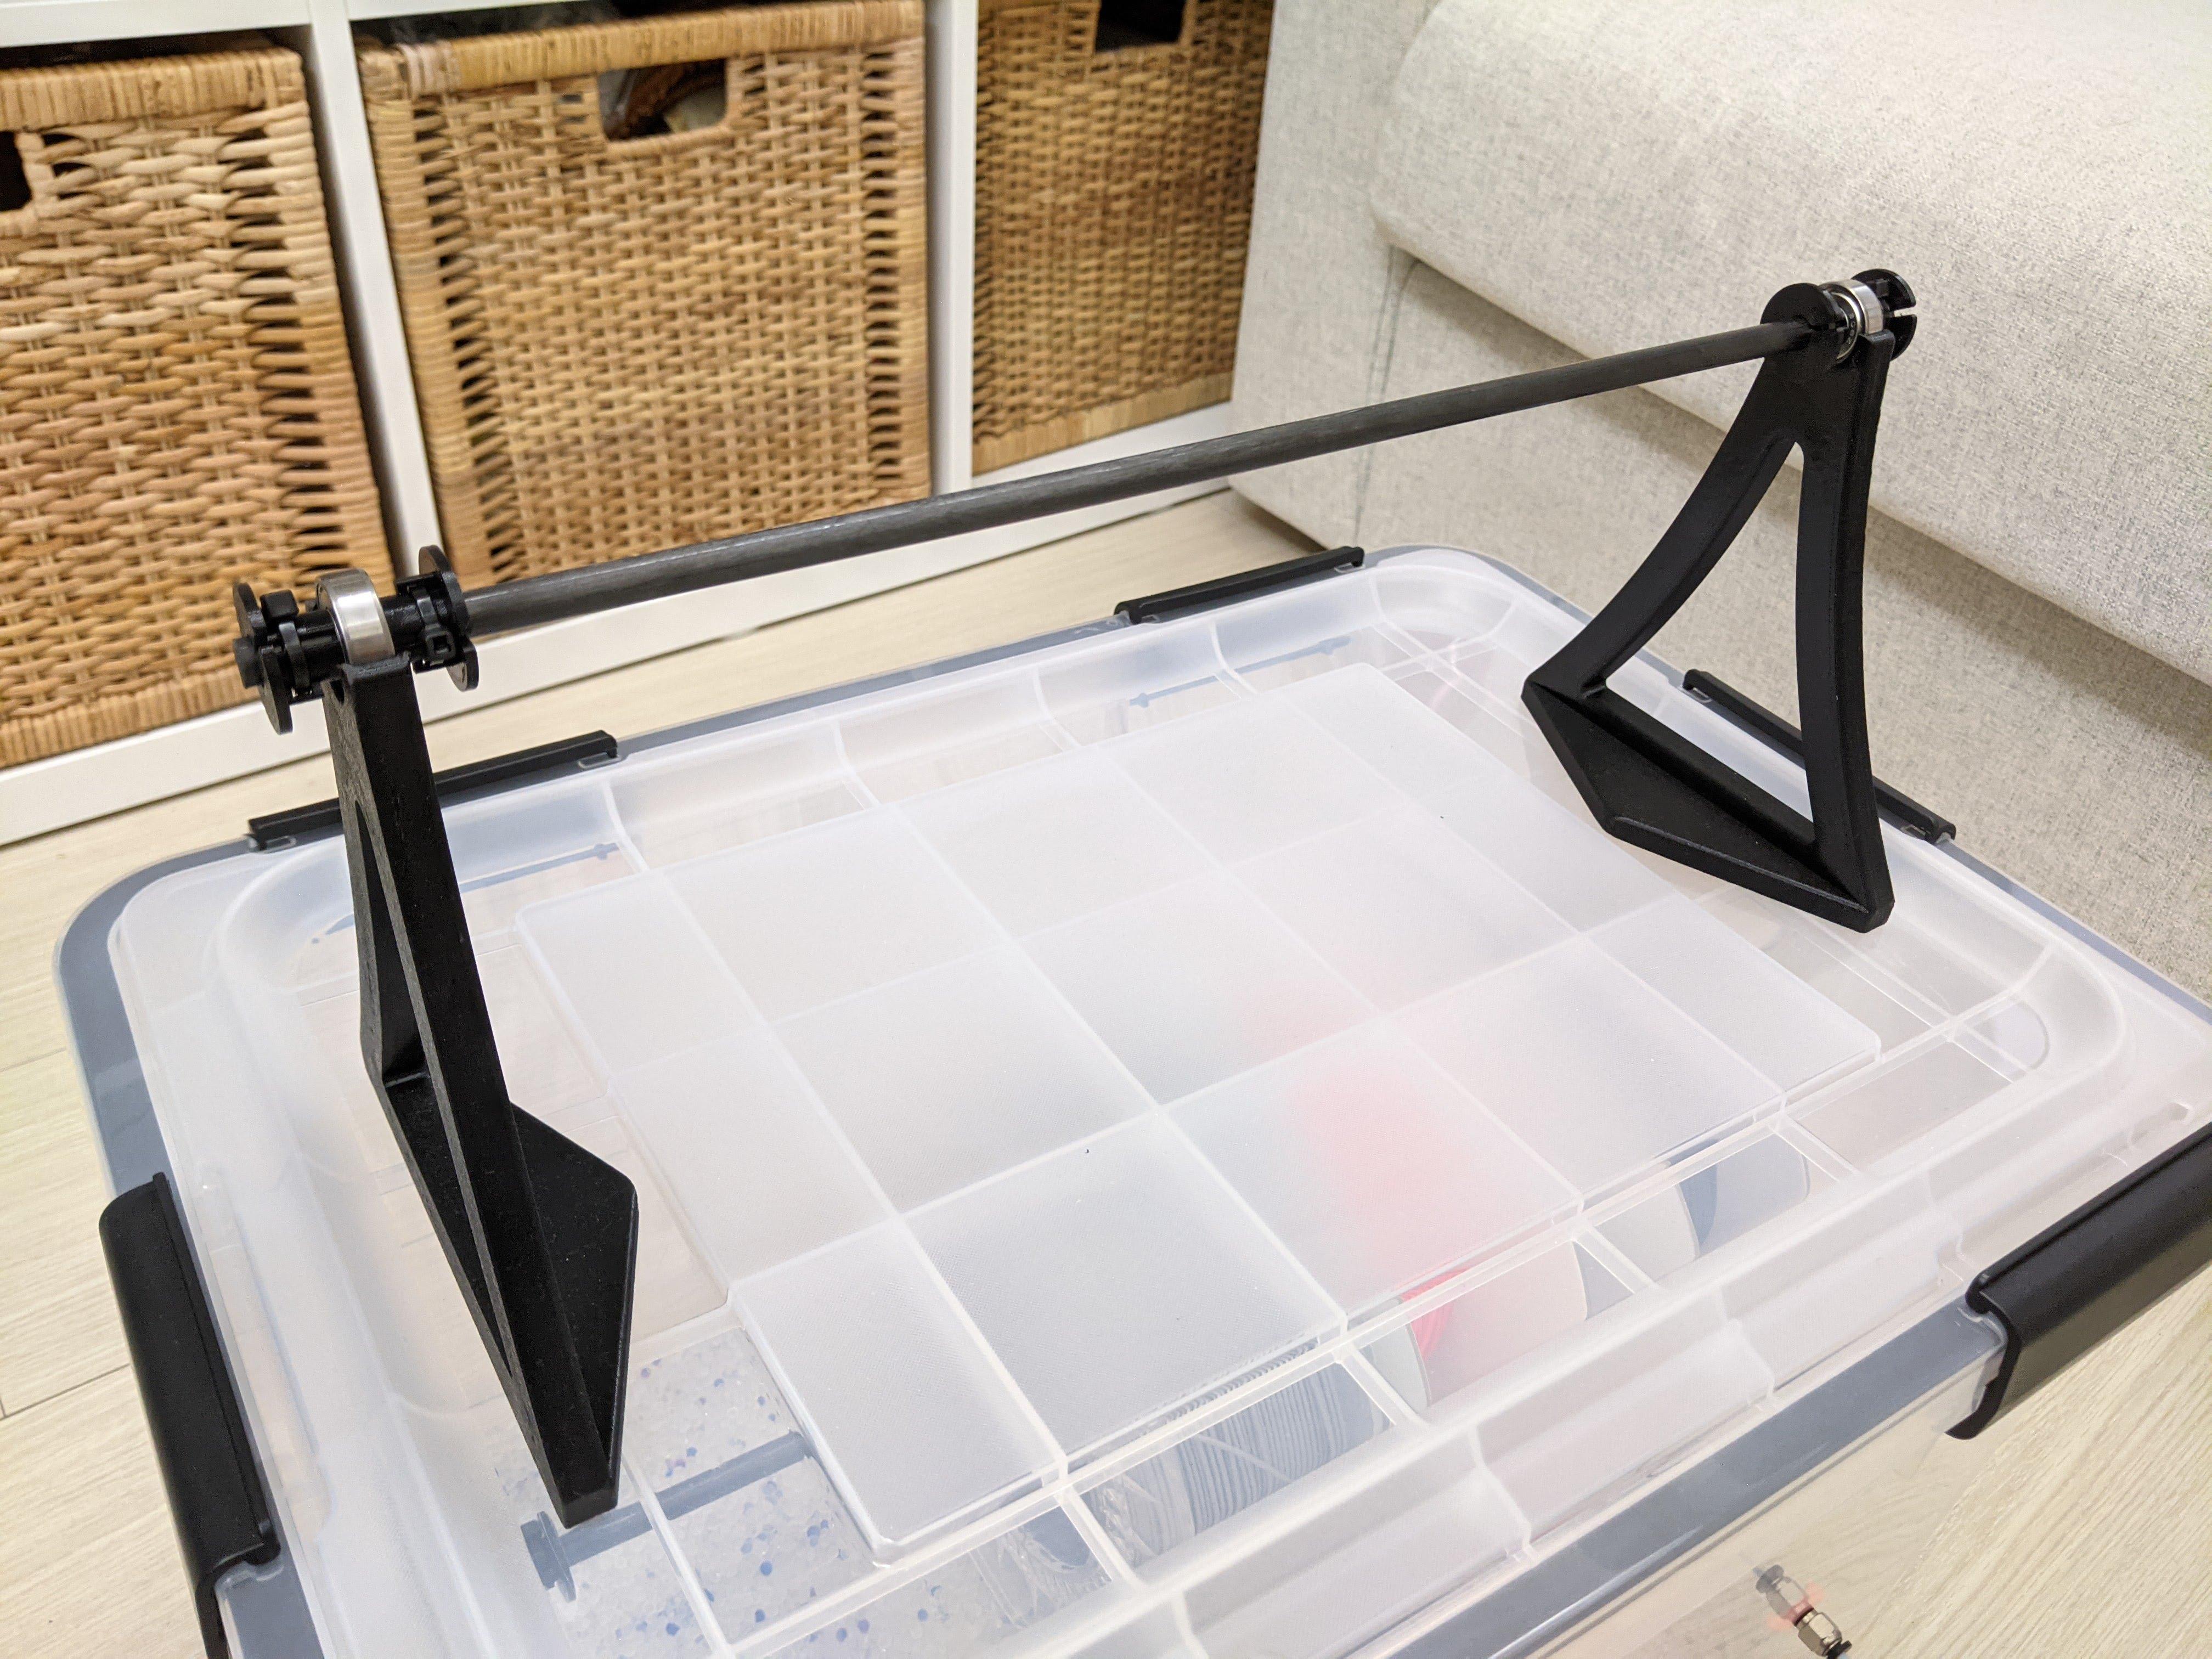 DIY Dry Box Top Rack